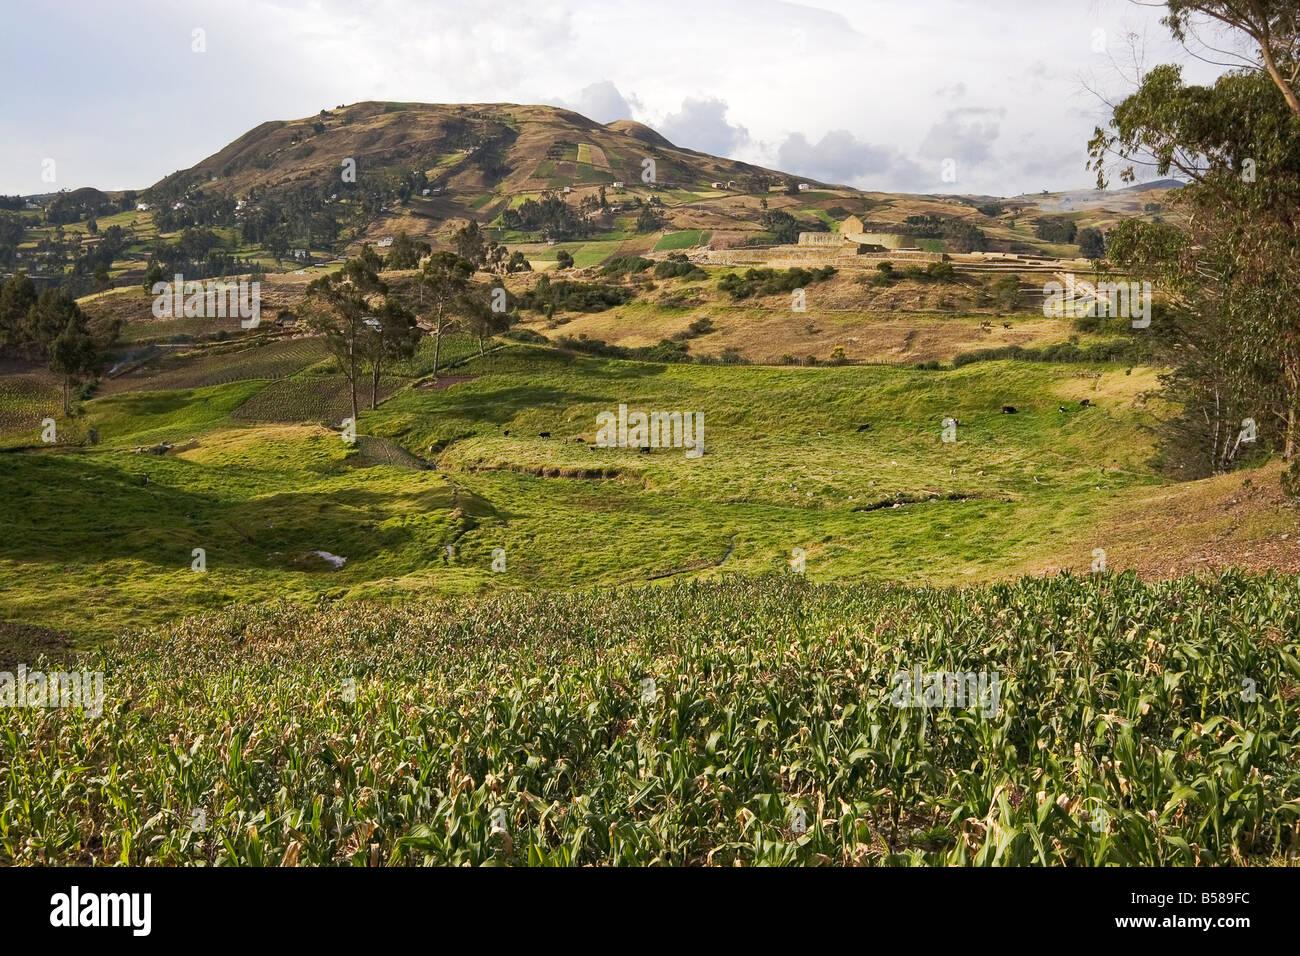 Guardando attraverso i campi di mais di Canari persone verso il tempio del sole, Ingapirca, Canar Provincia, Ecuador Immagini Stock